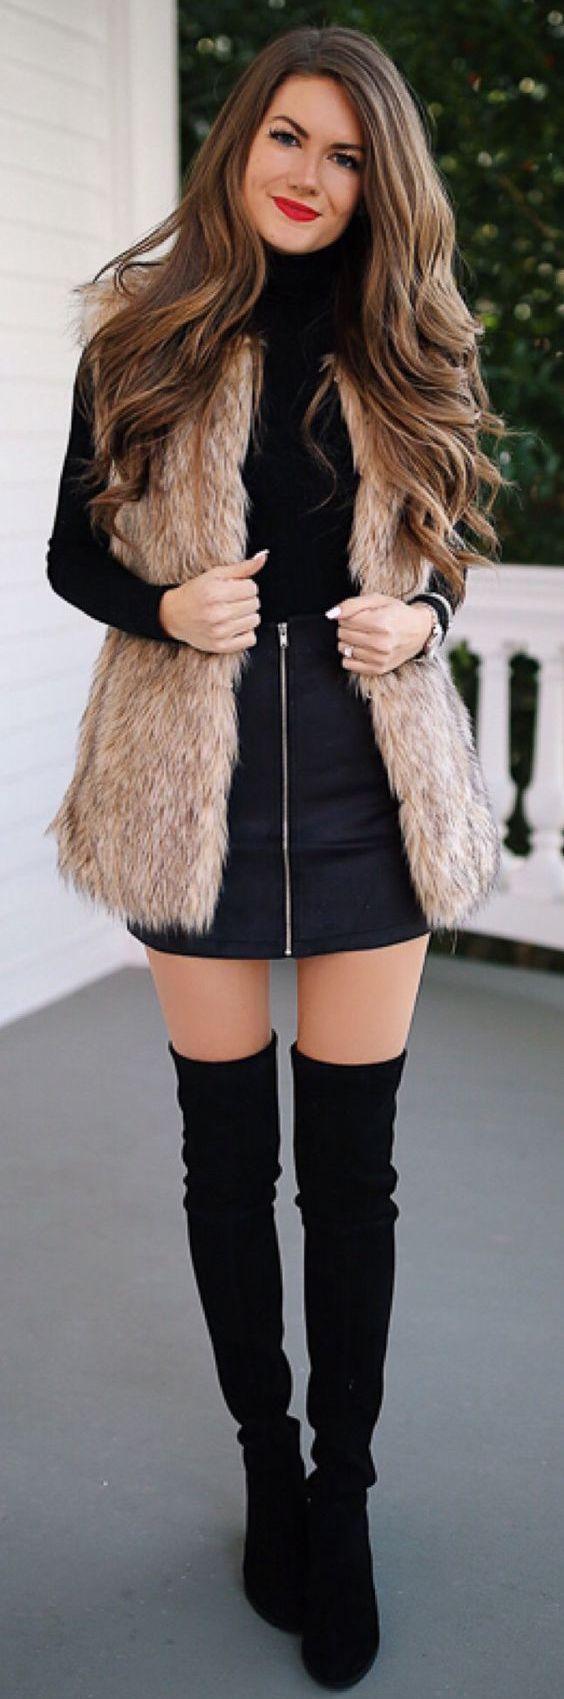 #Winter #Outfits / Faux Fur Vest + Black OTK Boots #winteroutfits